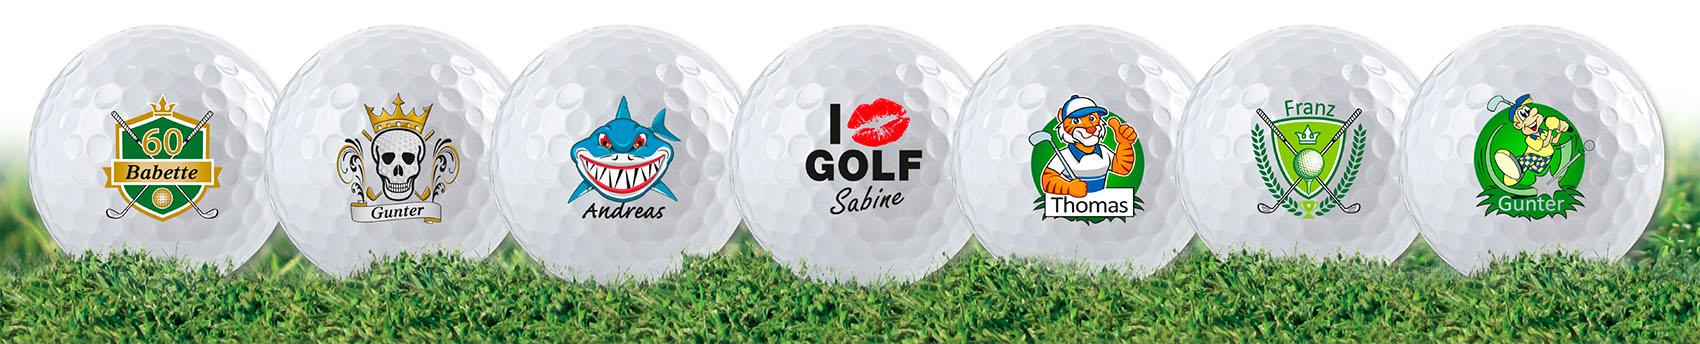 Golfball mit Ihrem Namen drucken lassen!